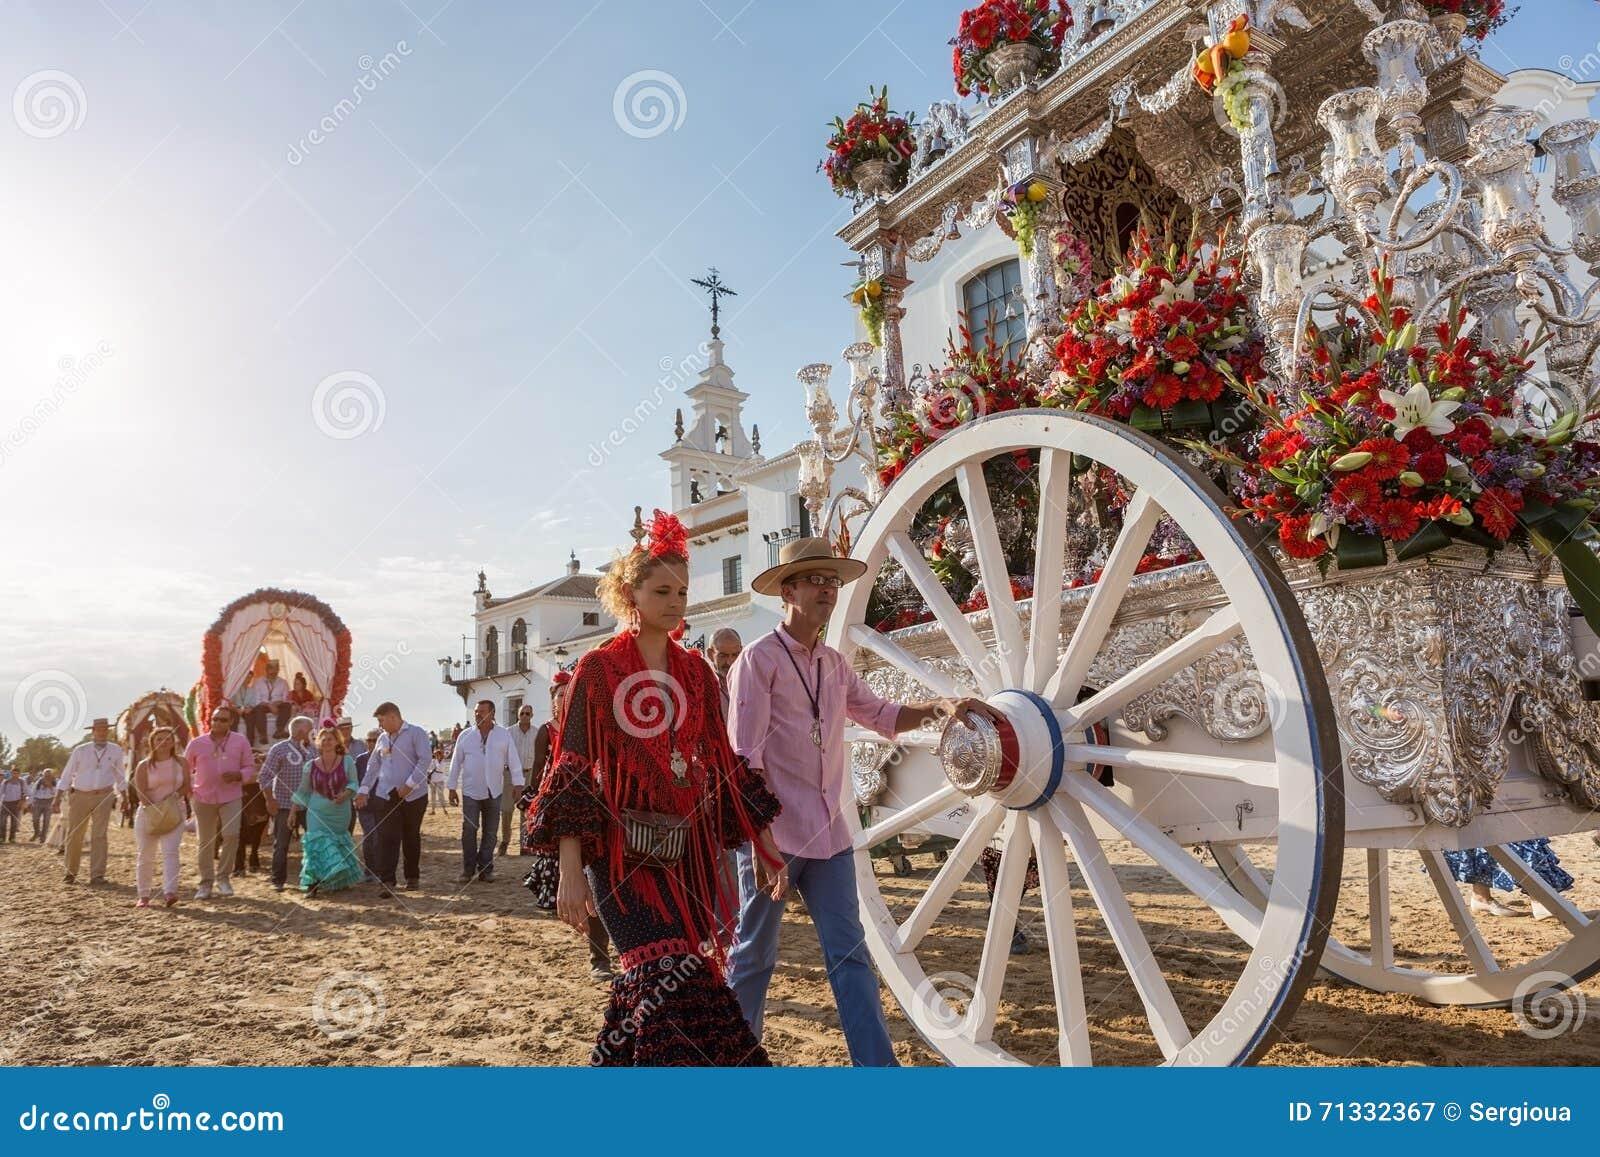 El ROCIO, ANDALUCIA, SPANIEN - MAJ 22: Romeria